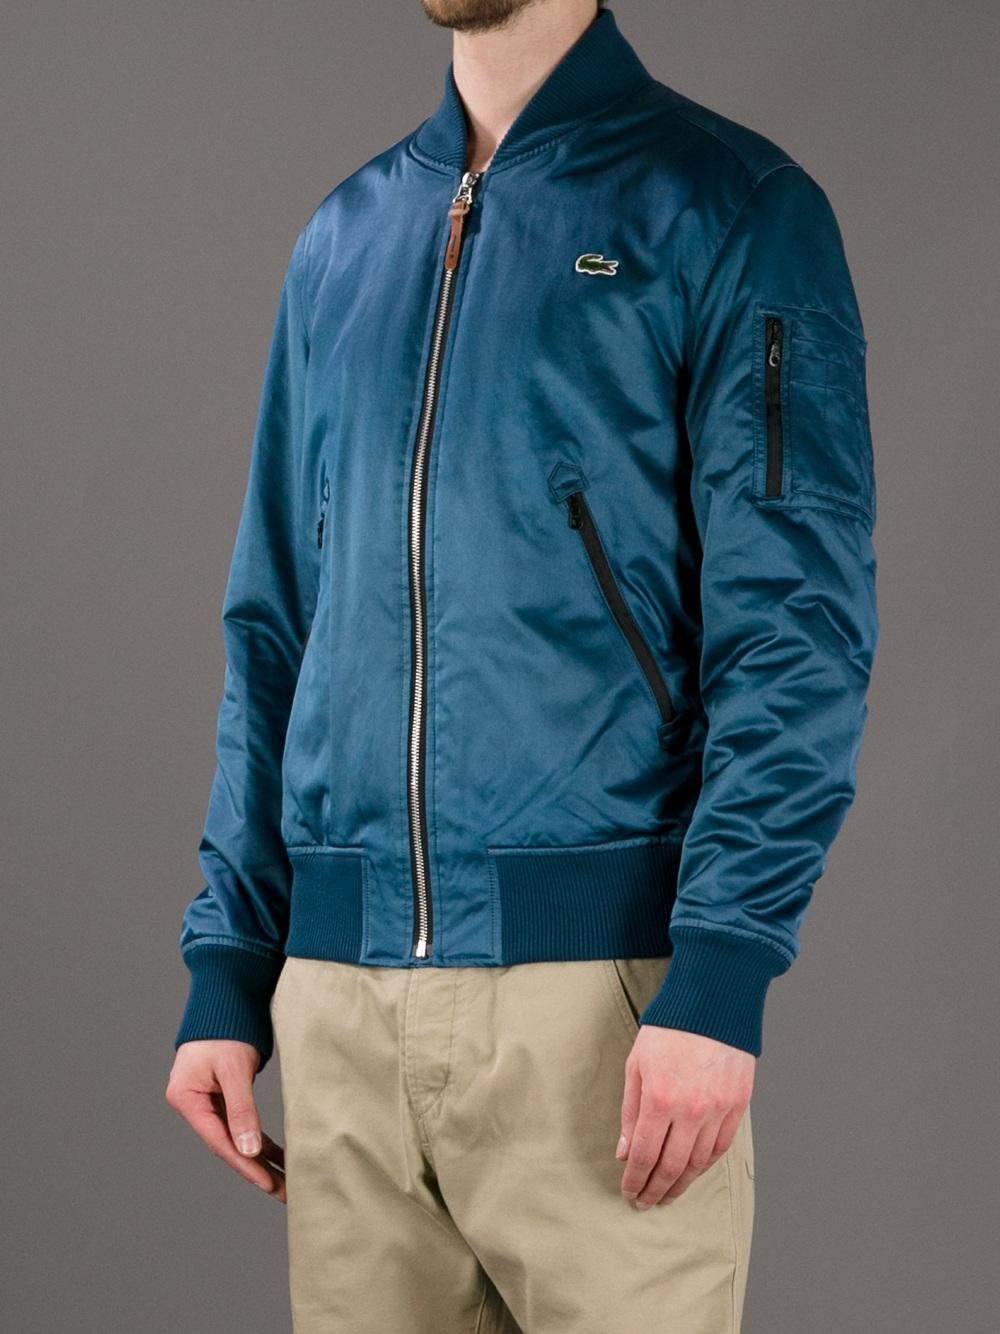 lacoste l ive bomber jacket in blue for men lyst. Black Bedroom Furniture Sets. Home Design Ideas